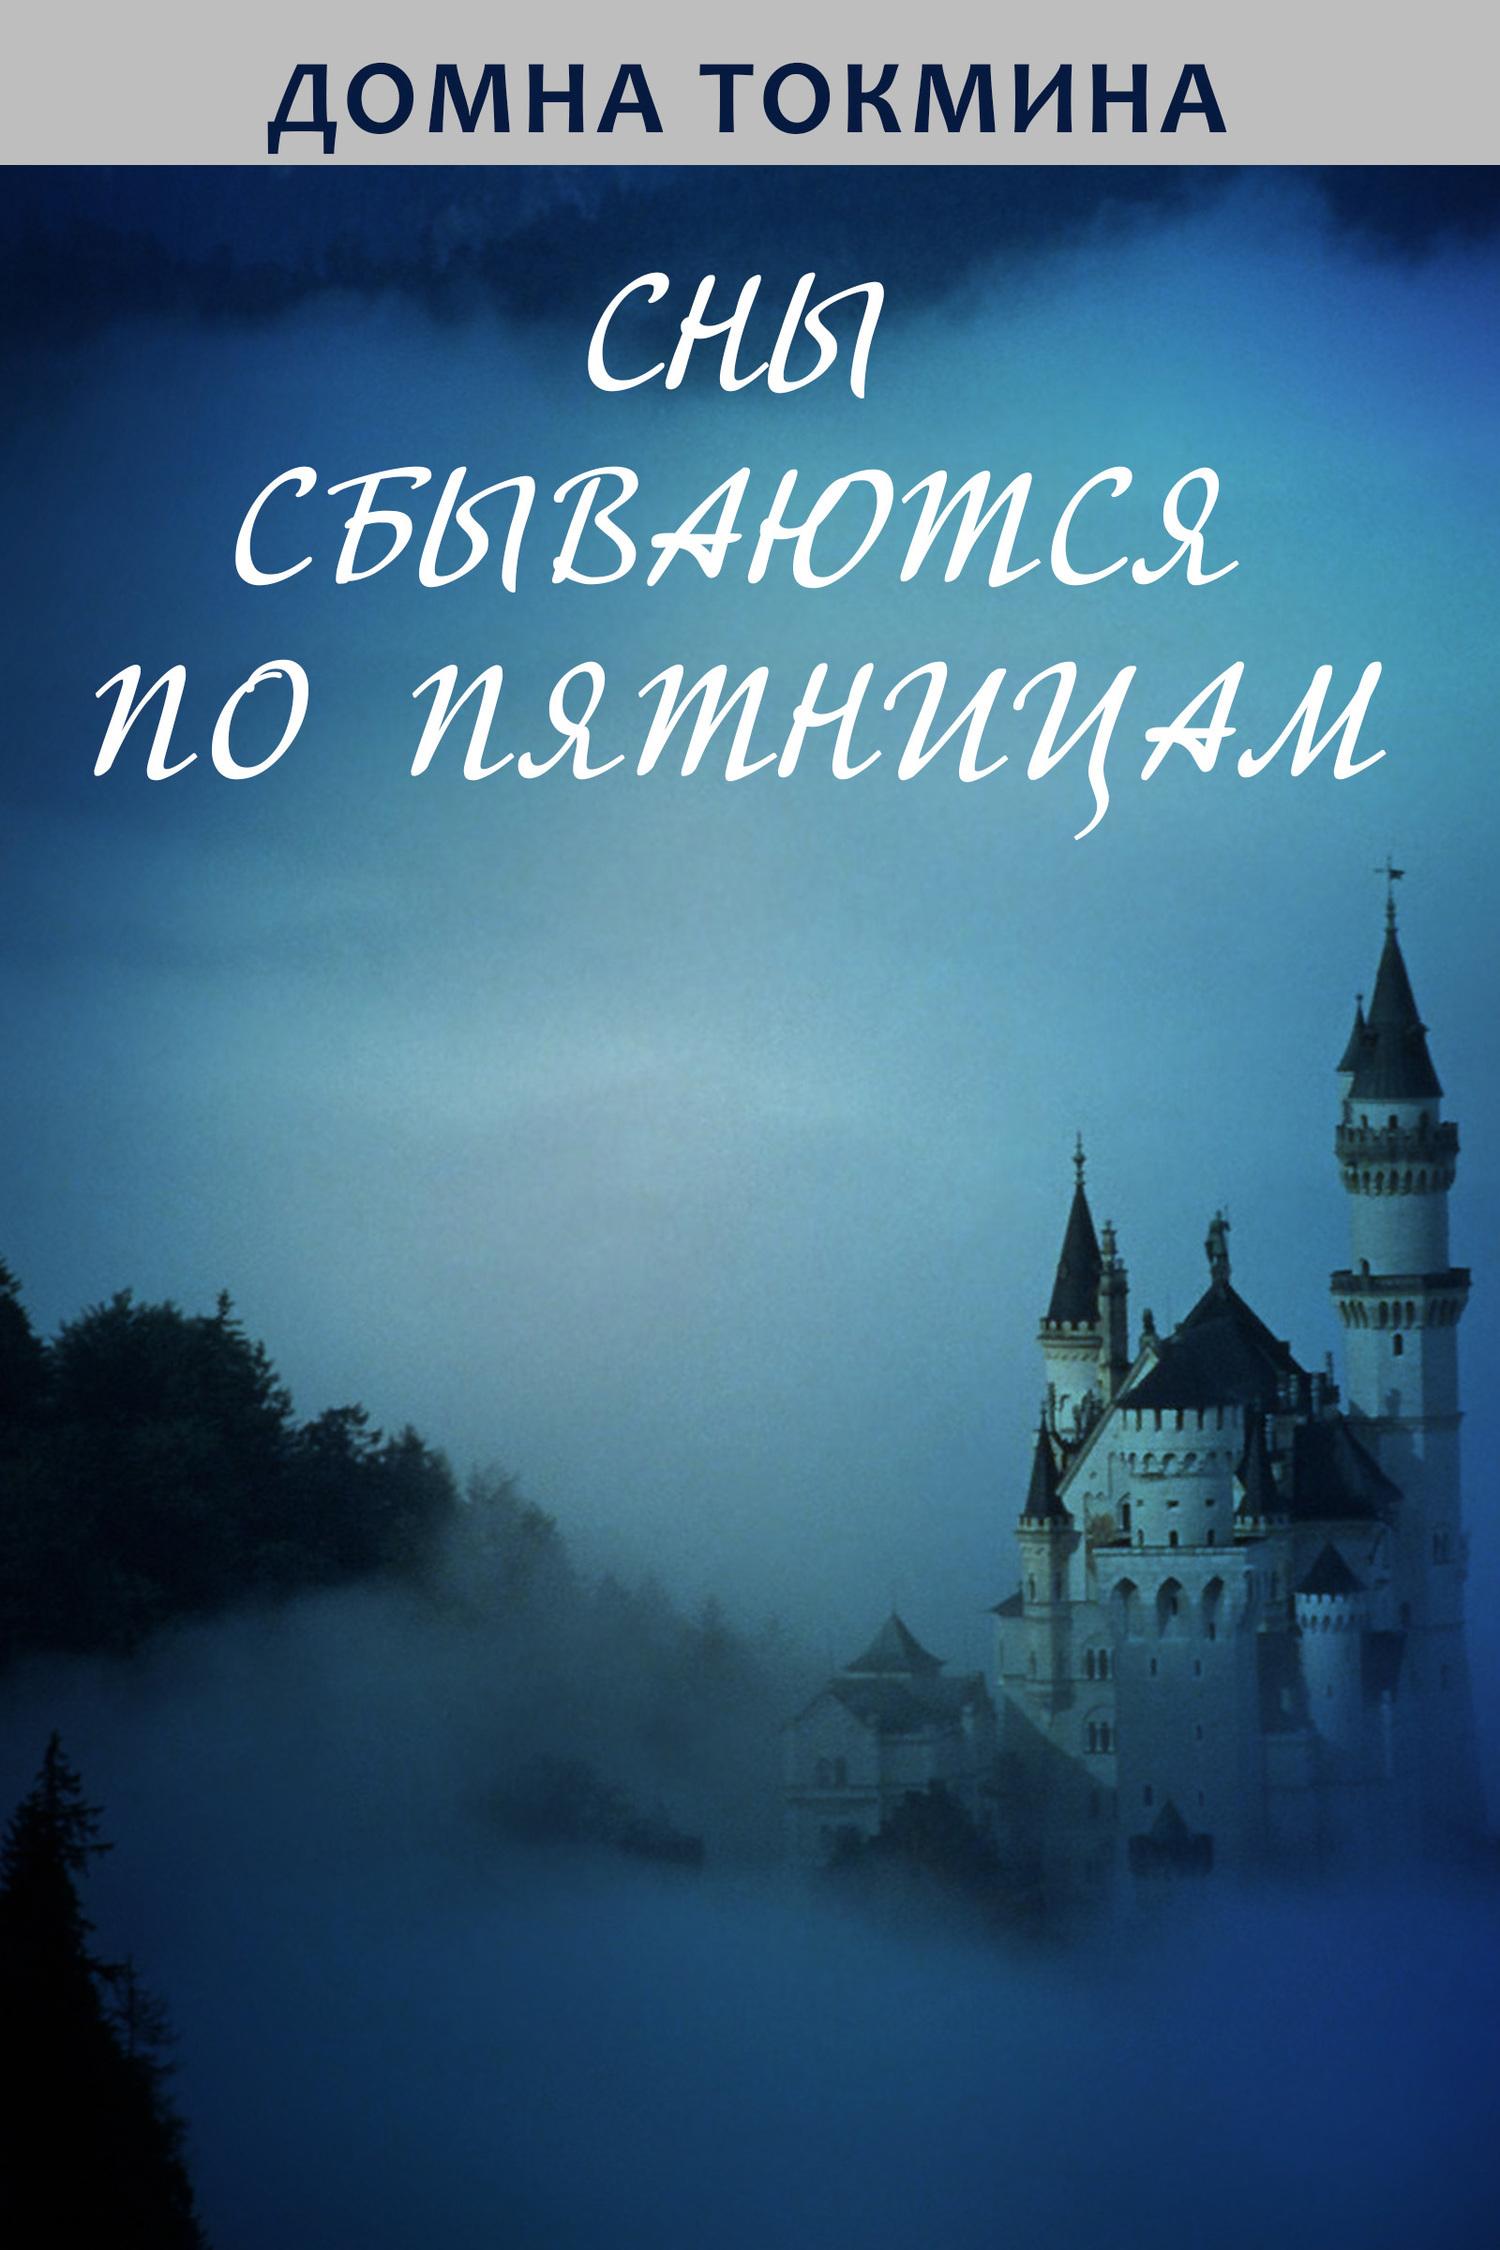 Домна Токмина. Сны сбываются по пятницам